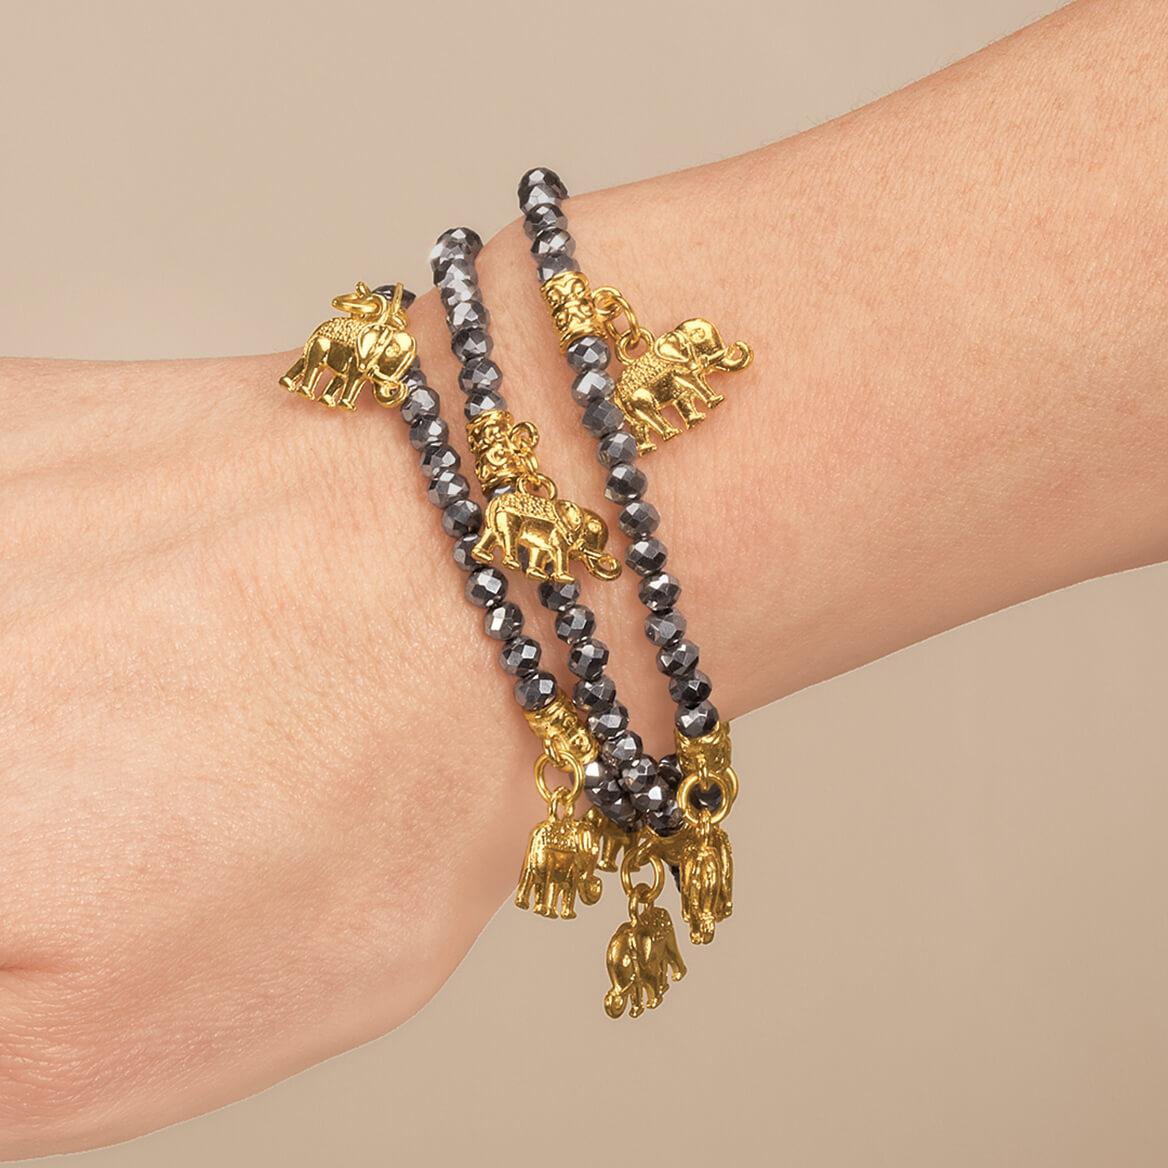 Gold Elephant Stretch Bracelet Set of 3